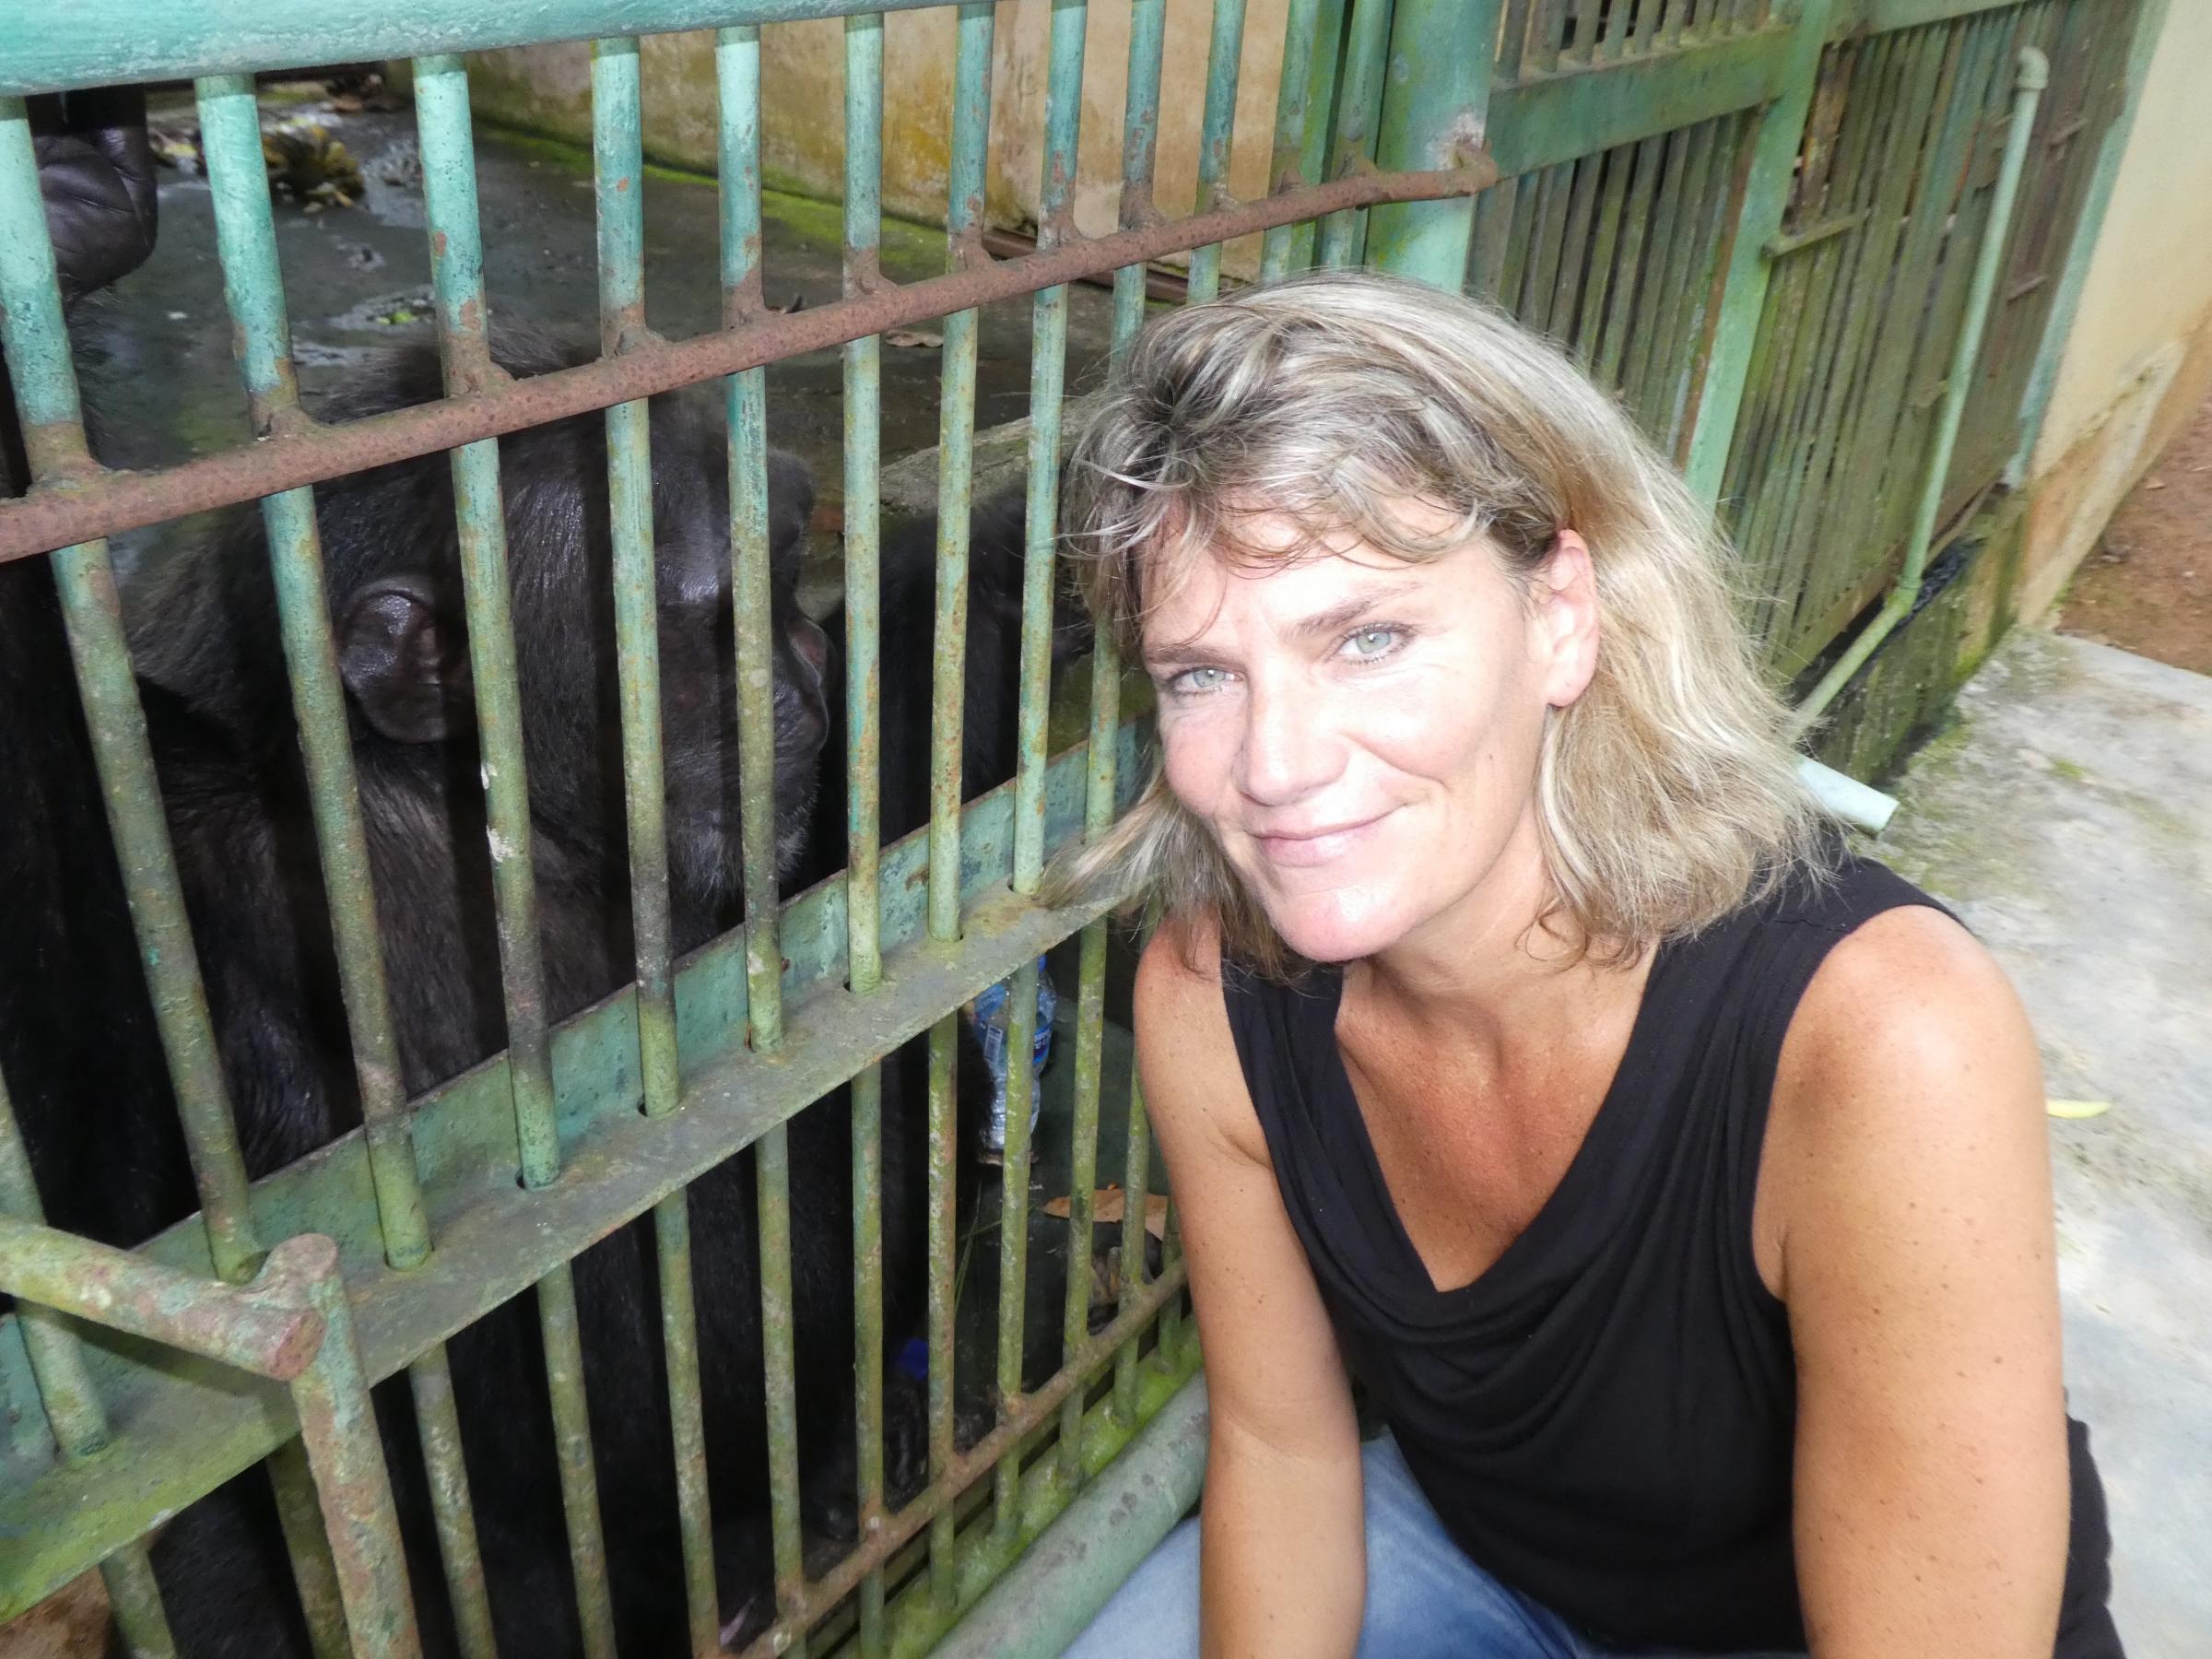 alison cronin monkey world dating anyone